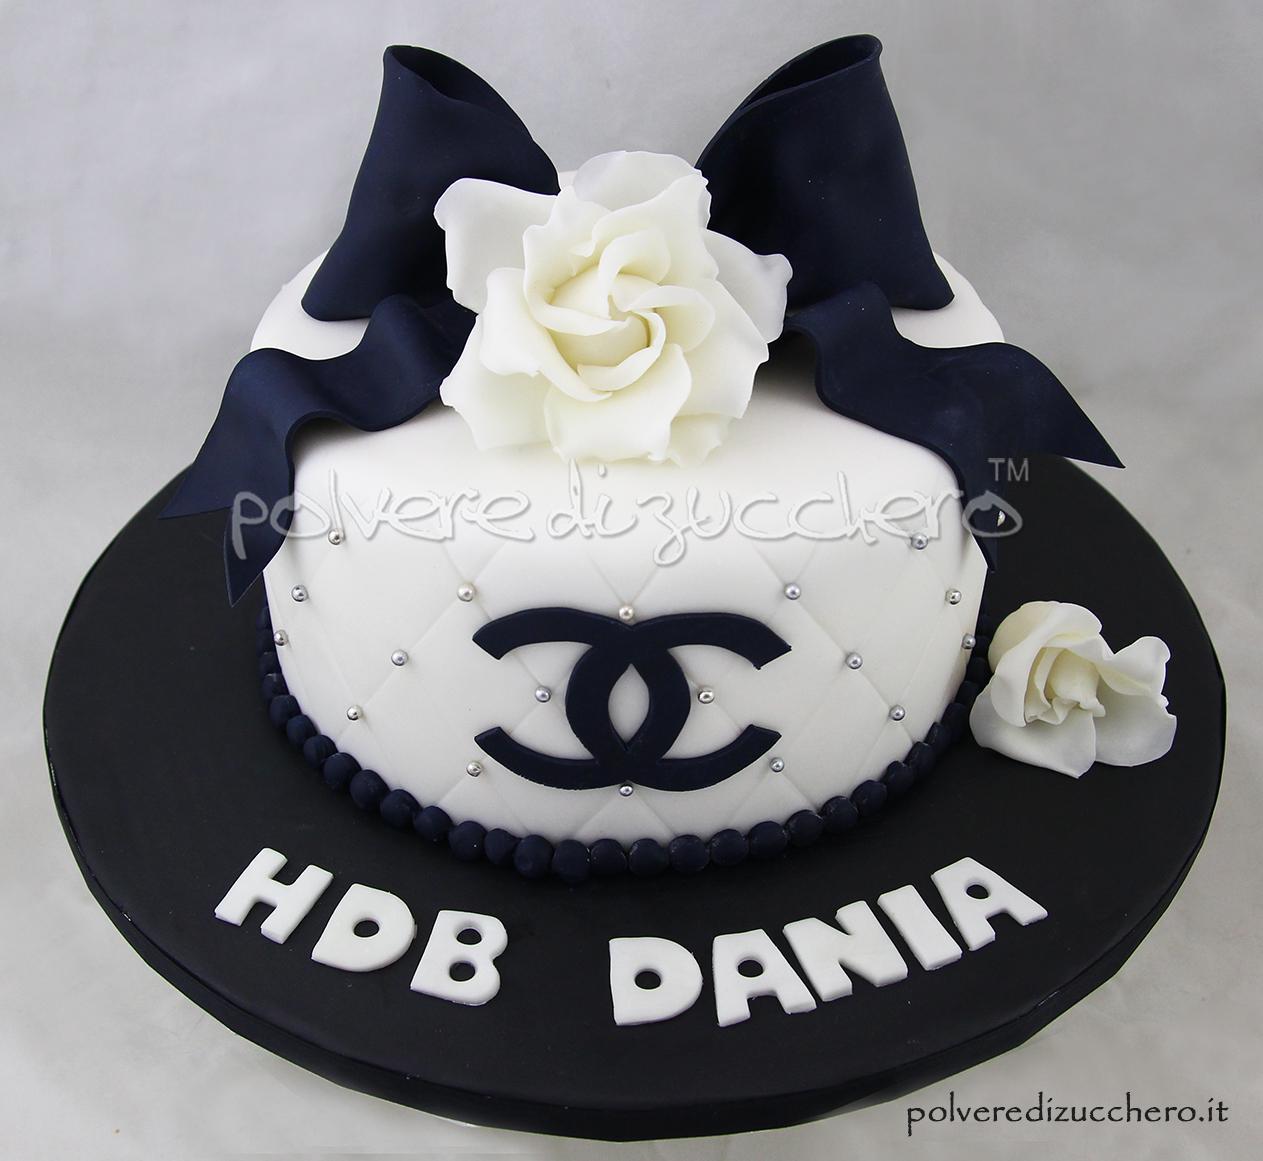 Cake Design Granby Qc : Polvere di Zucchero:cake design e sugar art.Corsi ...